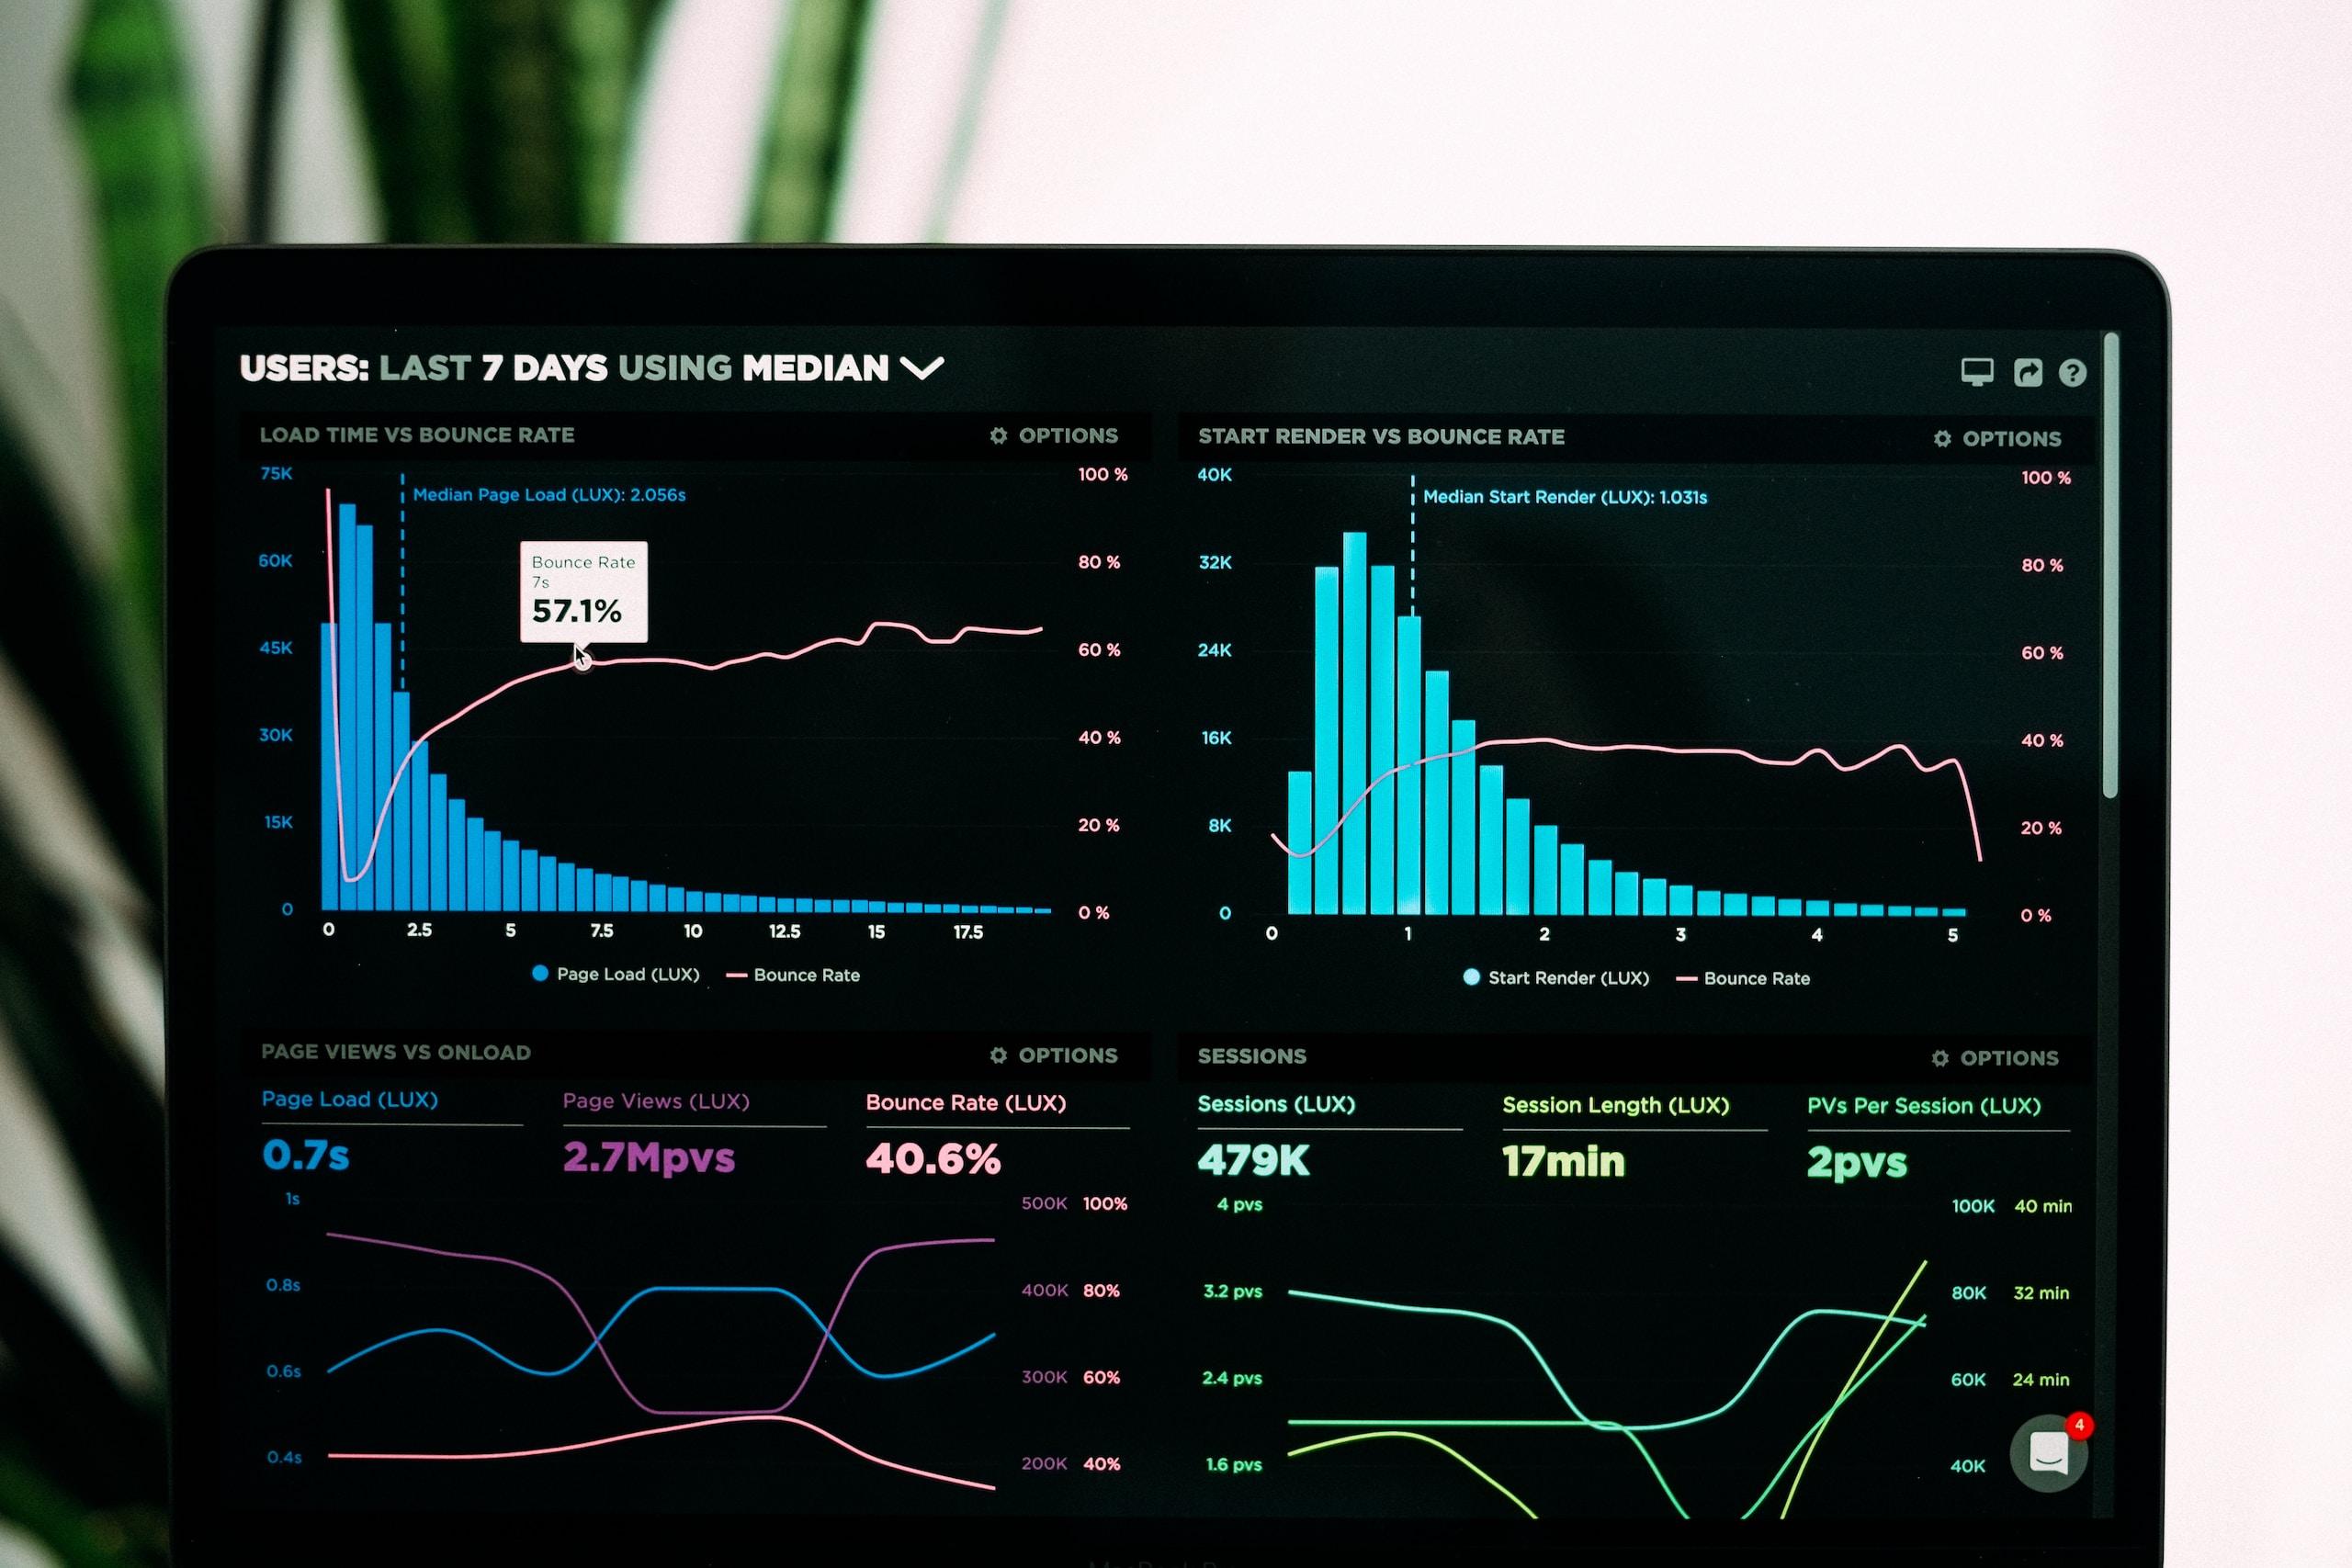 Veeam 調查:58% 企業數據備份失敗、14%企業沒備份數據